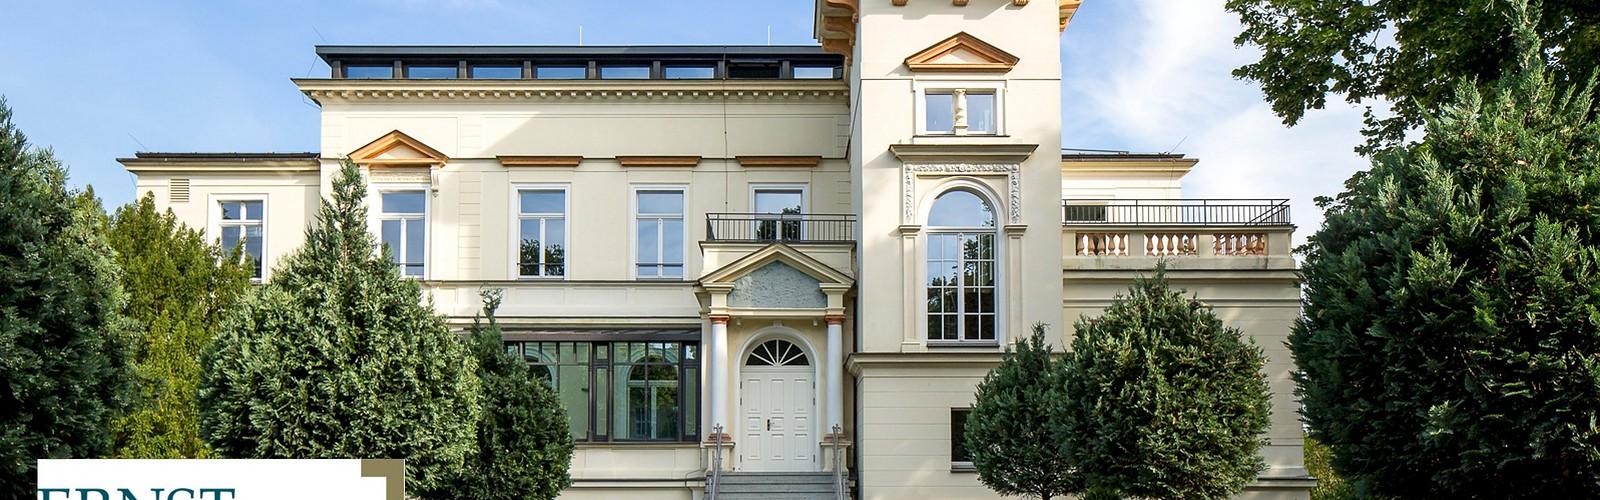 Villa Bergmann - Außenansicht © Klinikum Ernst von Bergmann gGmbH